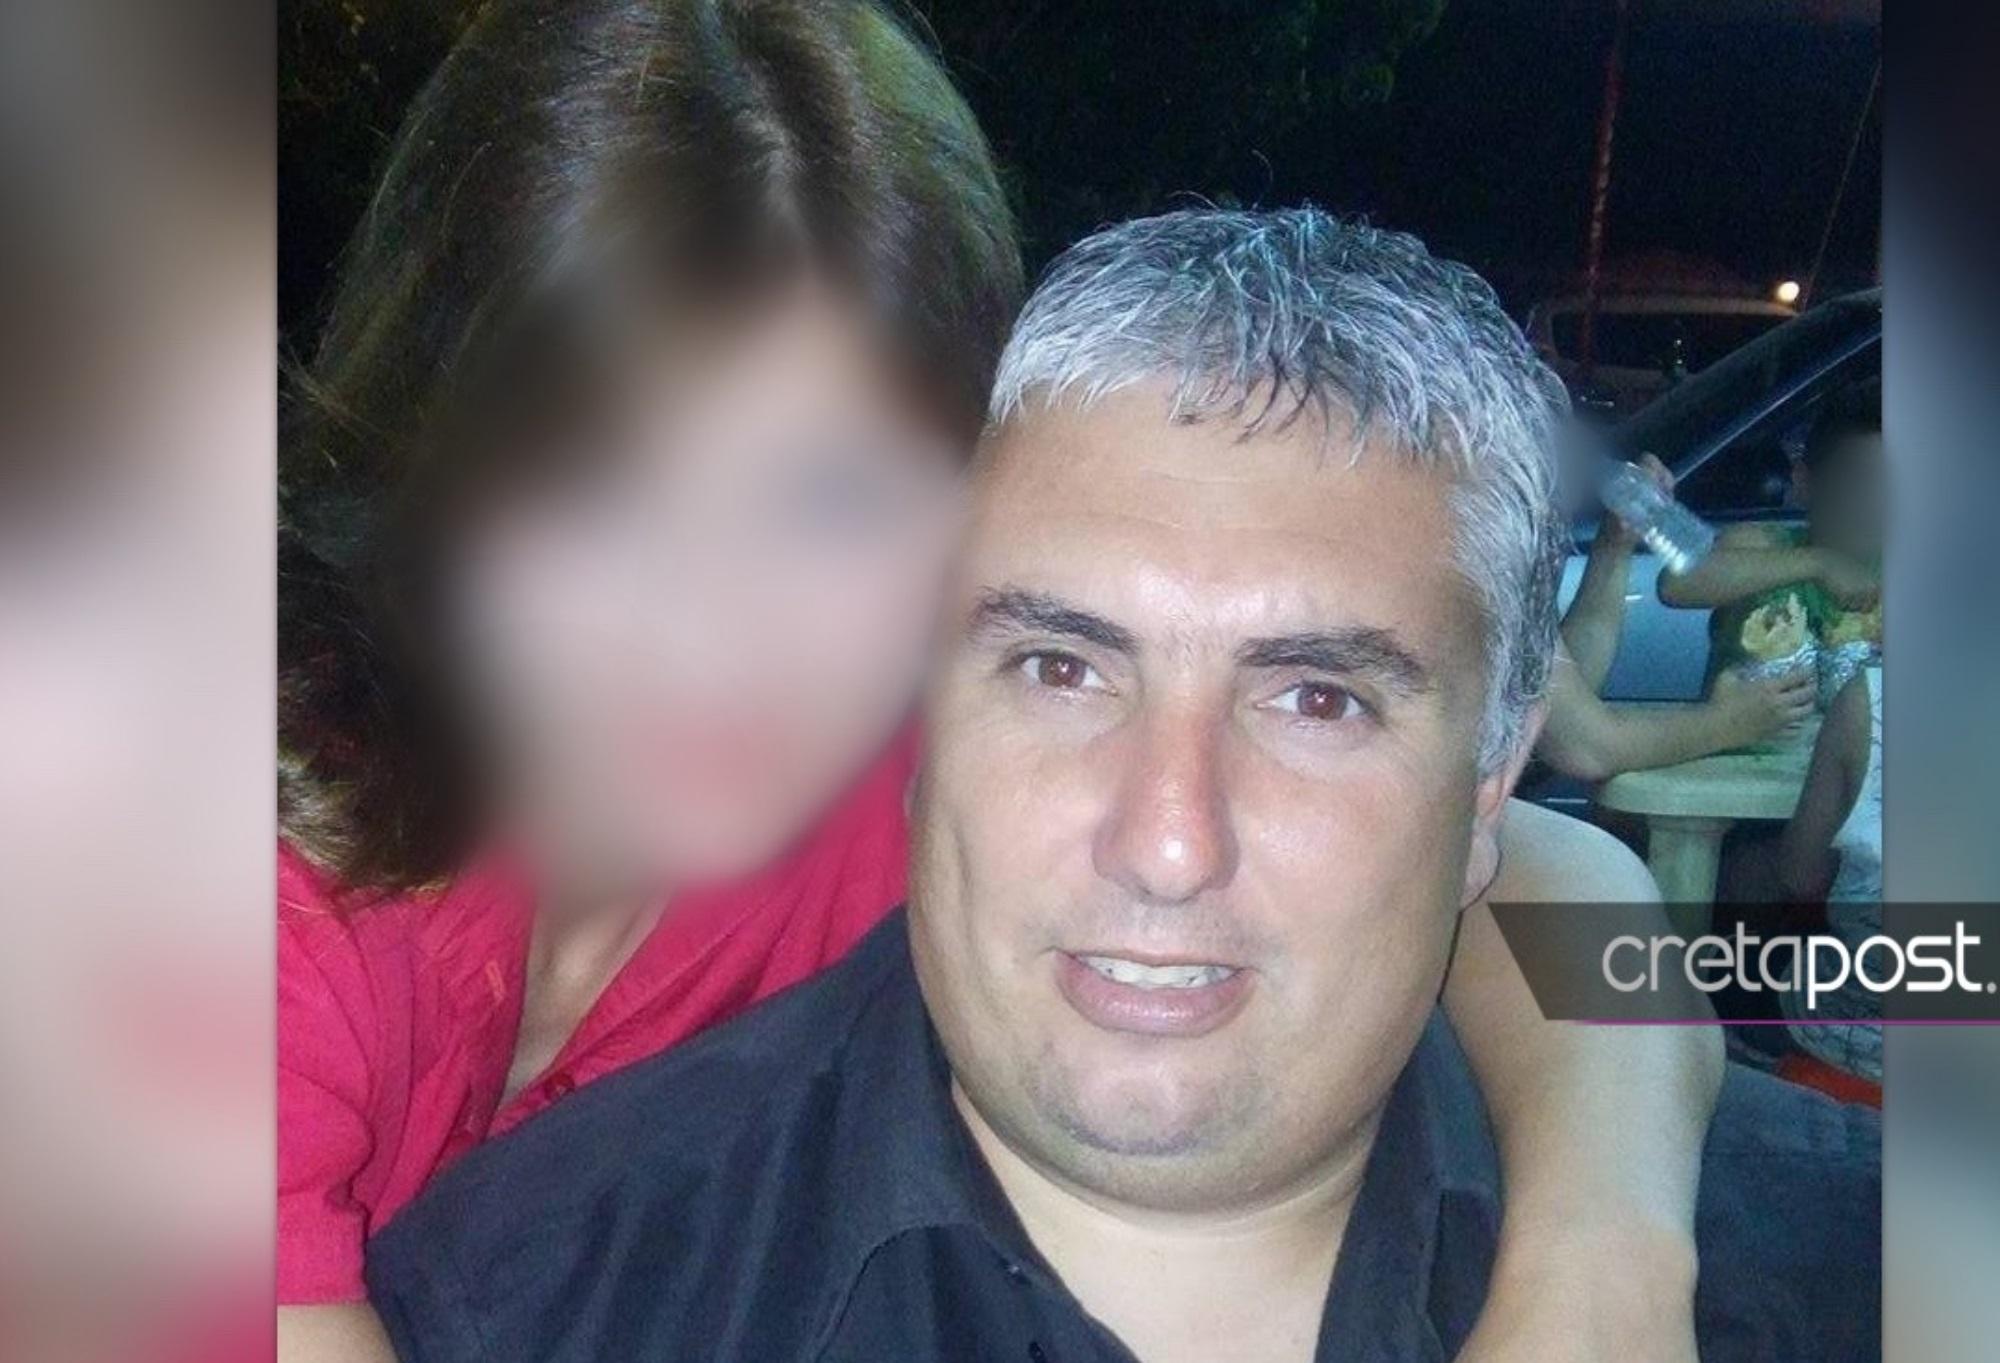 Μεσαρά: Ομολόγησε το έγκλημα ο Ρουμάνος εργάτης